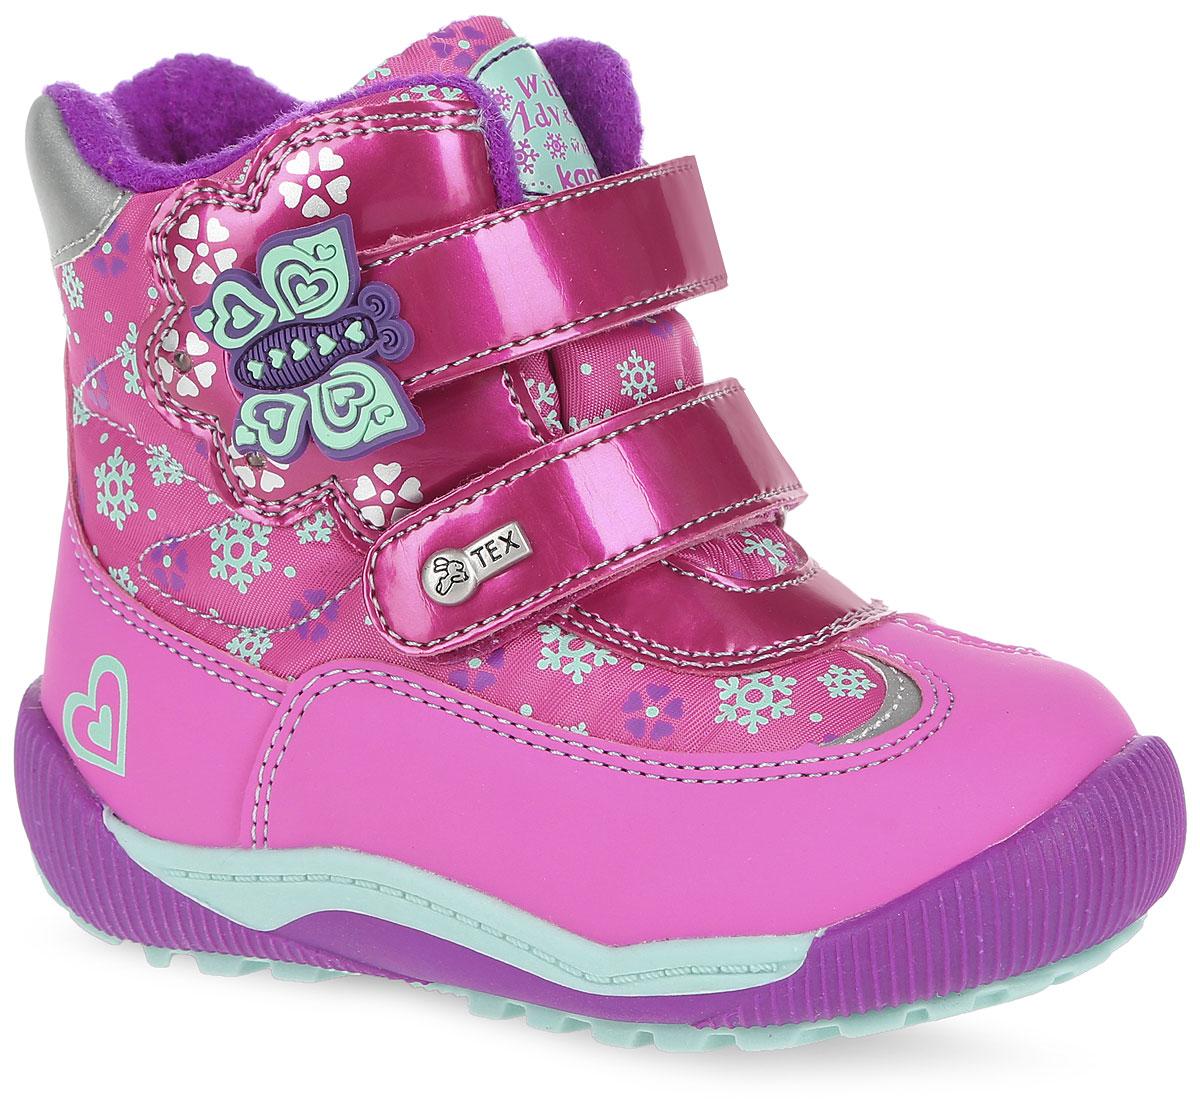 41154-2Удобные высокие ботинки от Kapika придутся по душе вашей дочурке! Модель изготовлена из искусственной кожи и плотного текстиля с применением мембраны. Мембранная обувь называется дышащей, защищает от влаги, своевременно отводит естественные испарения тела и сохраняет комфортный микроклимат при ношении. Изделие оформлено принтом с изображением снежинок и цветов, прострочкой, на язычке - фирменной нашивкой, на ремешках - объёмной аппликацией из ПВХ виде бабочки и металлическим элементом логотипа бренда. Два ремешка на застежках-липучках надежно фиксируют изделие на ноге. Мягкая подкладка и стелька исполненные из текстиля, на 80% состоящего из натурального овечьего шерстяного меха, обеспечивают тепло и надежно защищают от холода. Рифление на подошве гарантирует идеальное сцепление с любыми поверхностями. Стильные ботинки займут достойное место в гардеробе вашего ребенка, они идеально подойдут для теплой зимы, а также поздней осени и ранней весны.